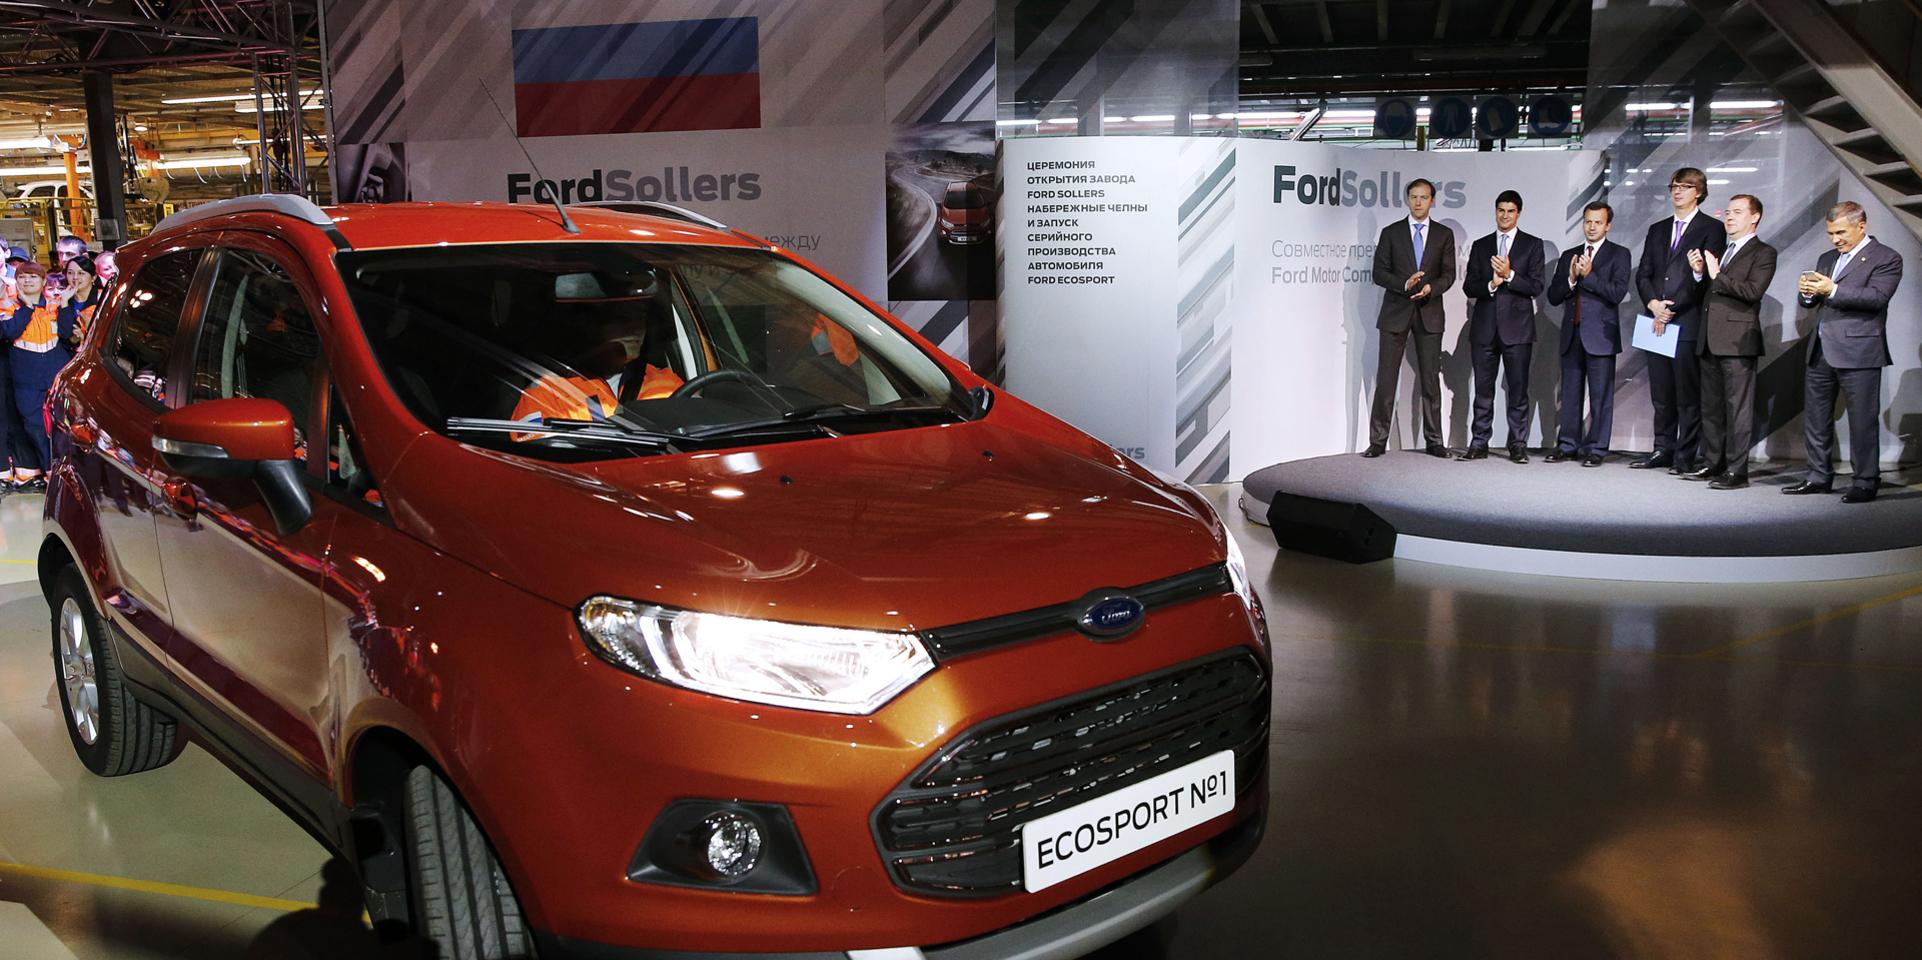 Совместное российско-американское предприятие открыло завод в Набережных Челнах и запустило производство кроссовера Ford Ecosport